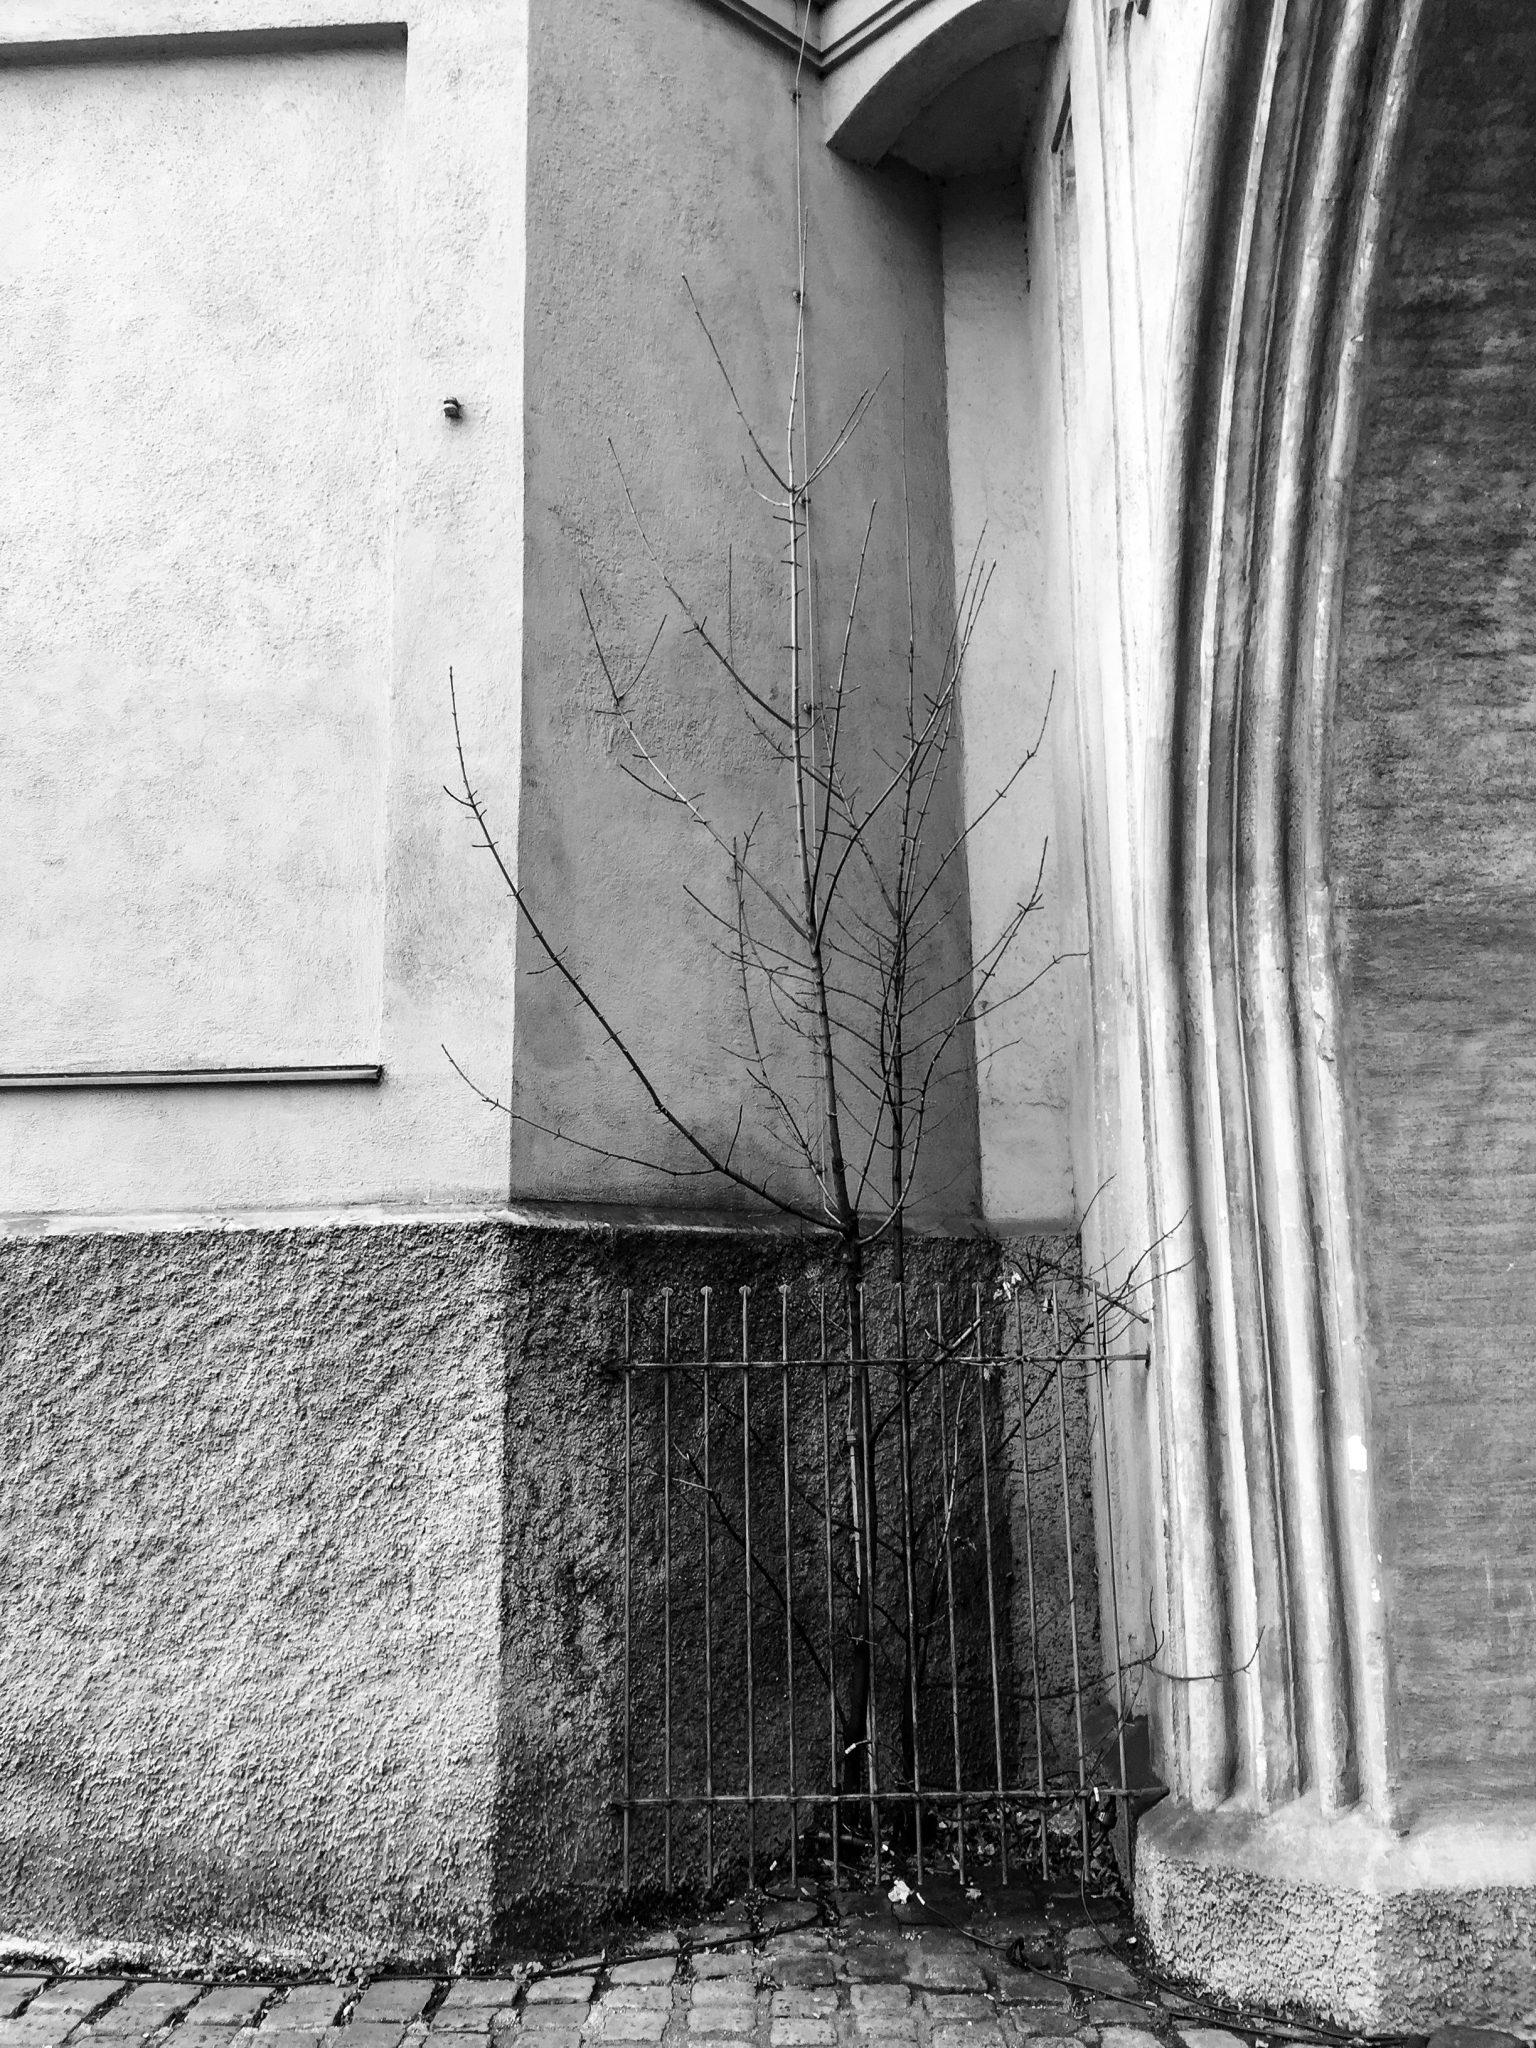 Schmerzhaftes Mauereck. Trostbaum Oder: Armes Bäumchen. Schutzzaun.